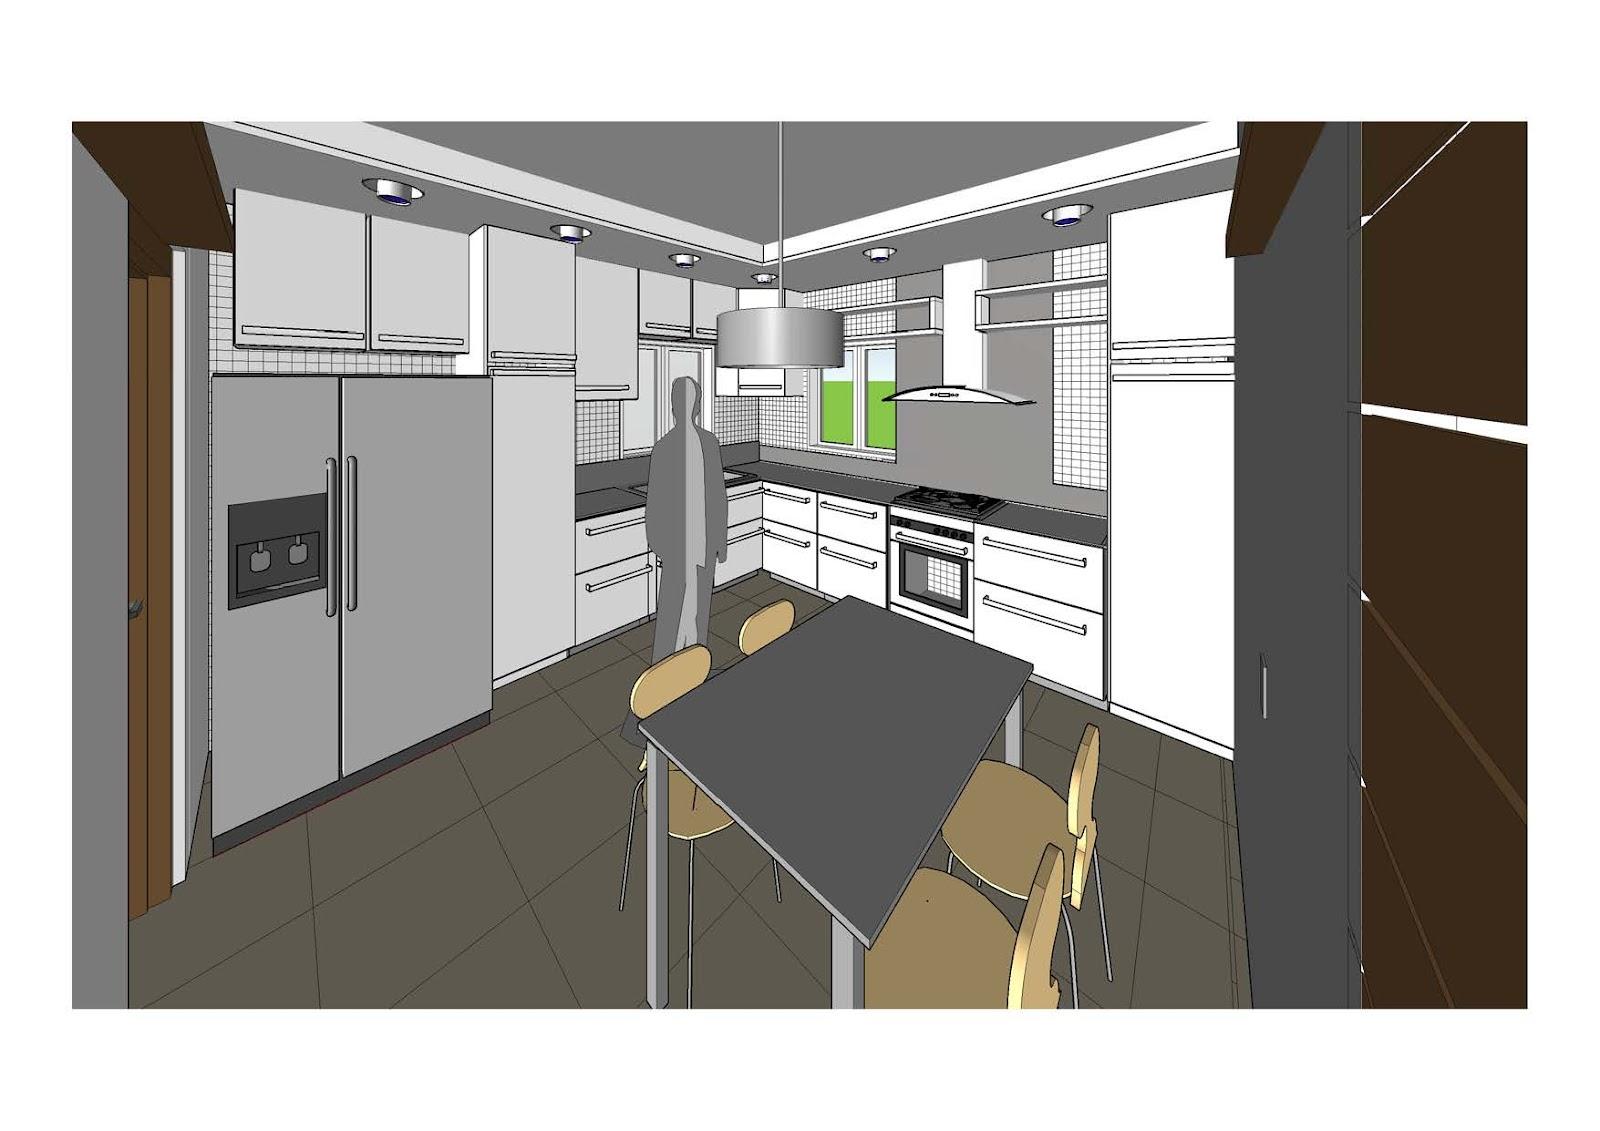 de apartamentos pequenos flat 4d Projetos Arquitetura Sustentável #669B30 1600 1131